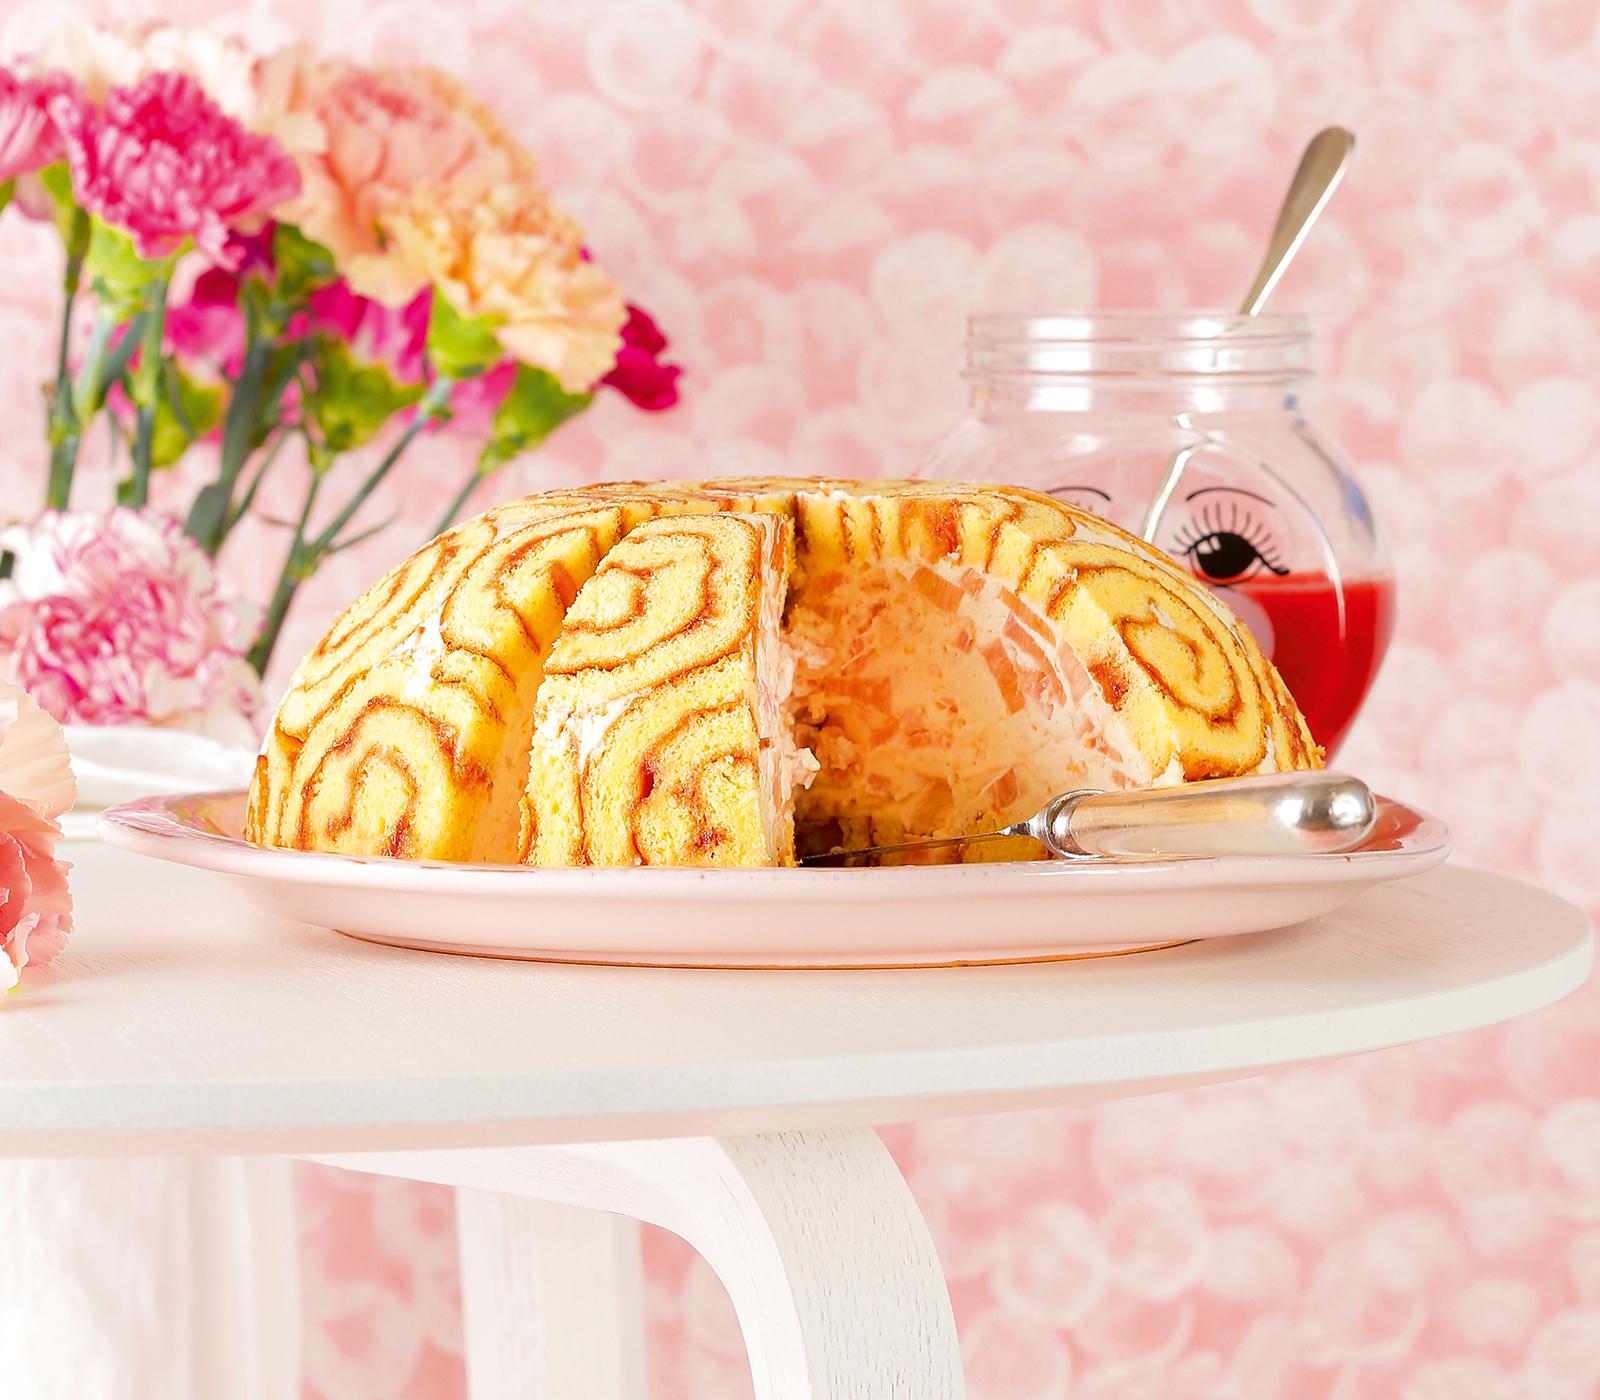 Rhabarber charlotte mit orange annemarie wildeisen 39 s kochen for Kochen rhabarber